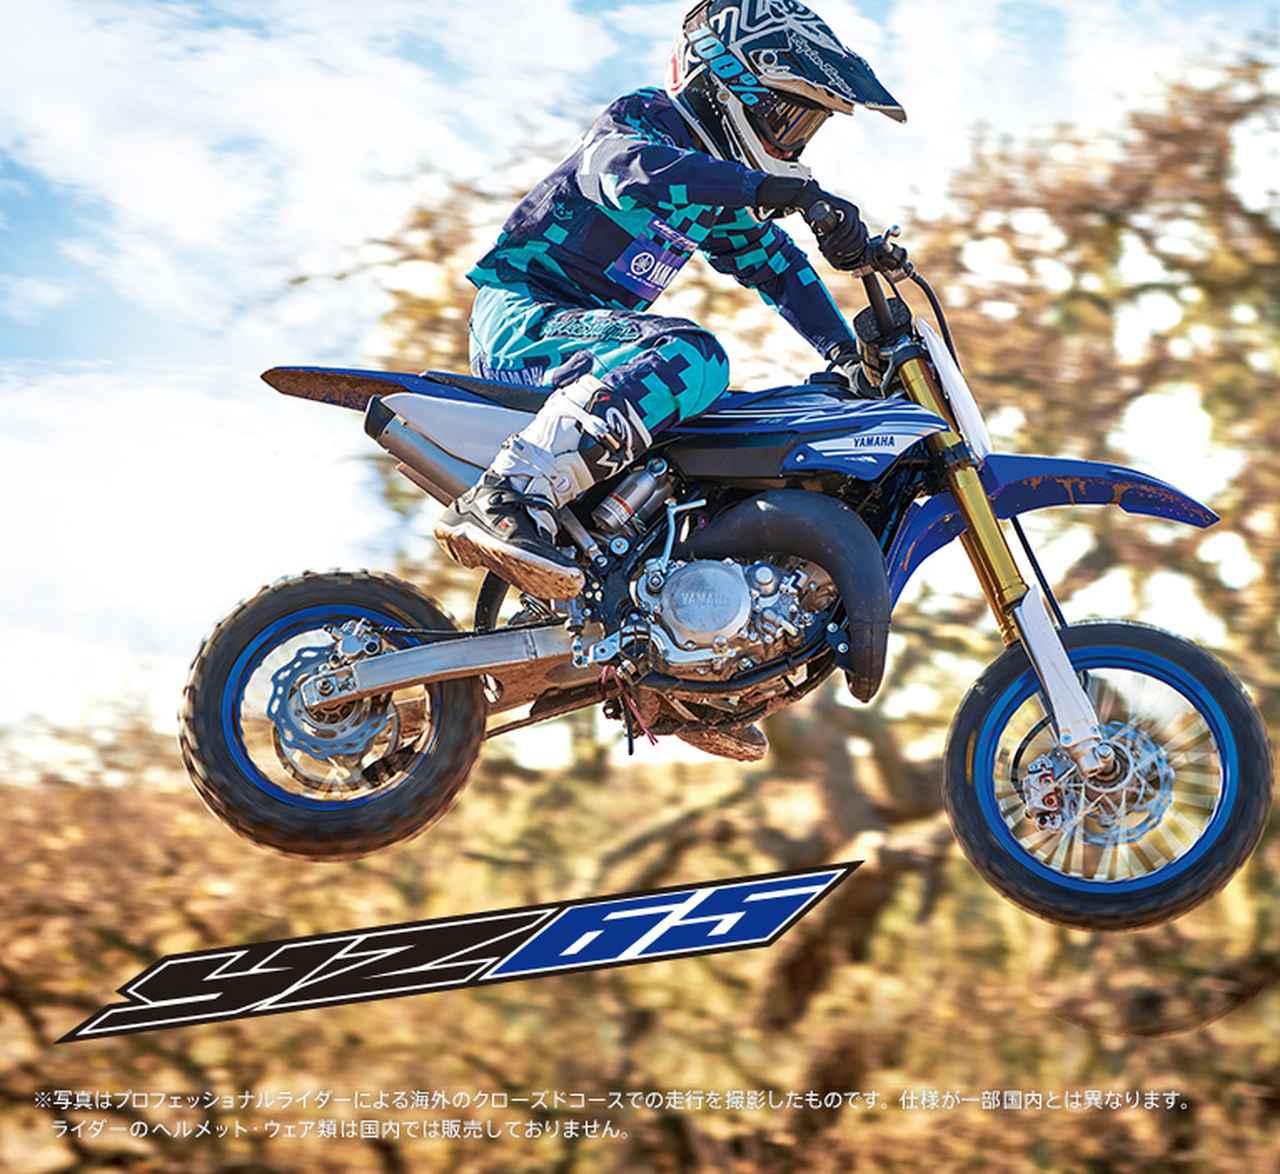 画像: YZ65 - バイク・スクーター ヤマハ発動機株式会社